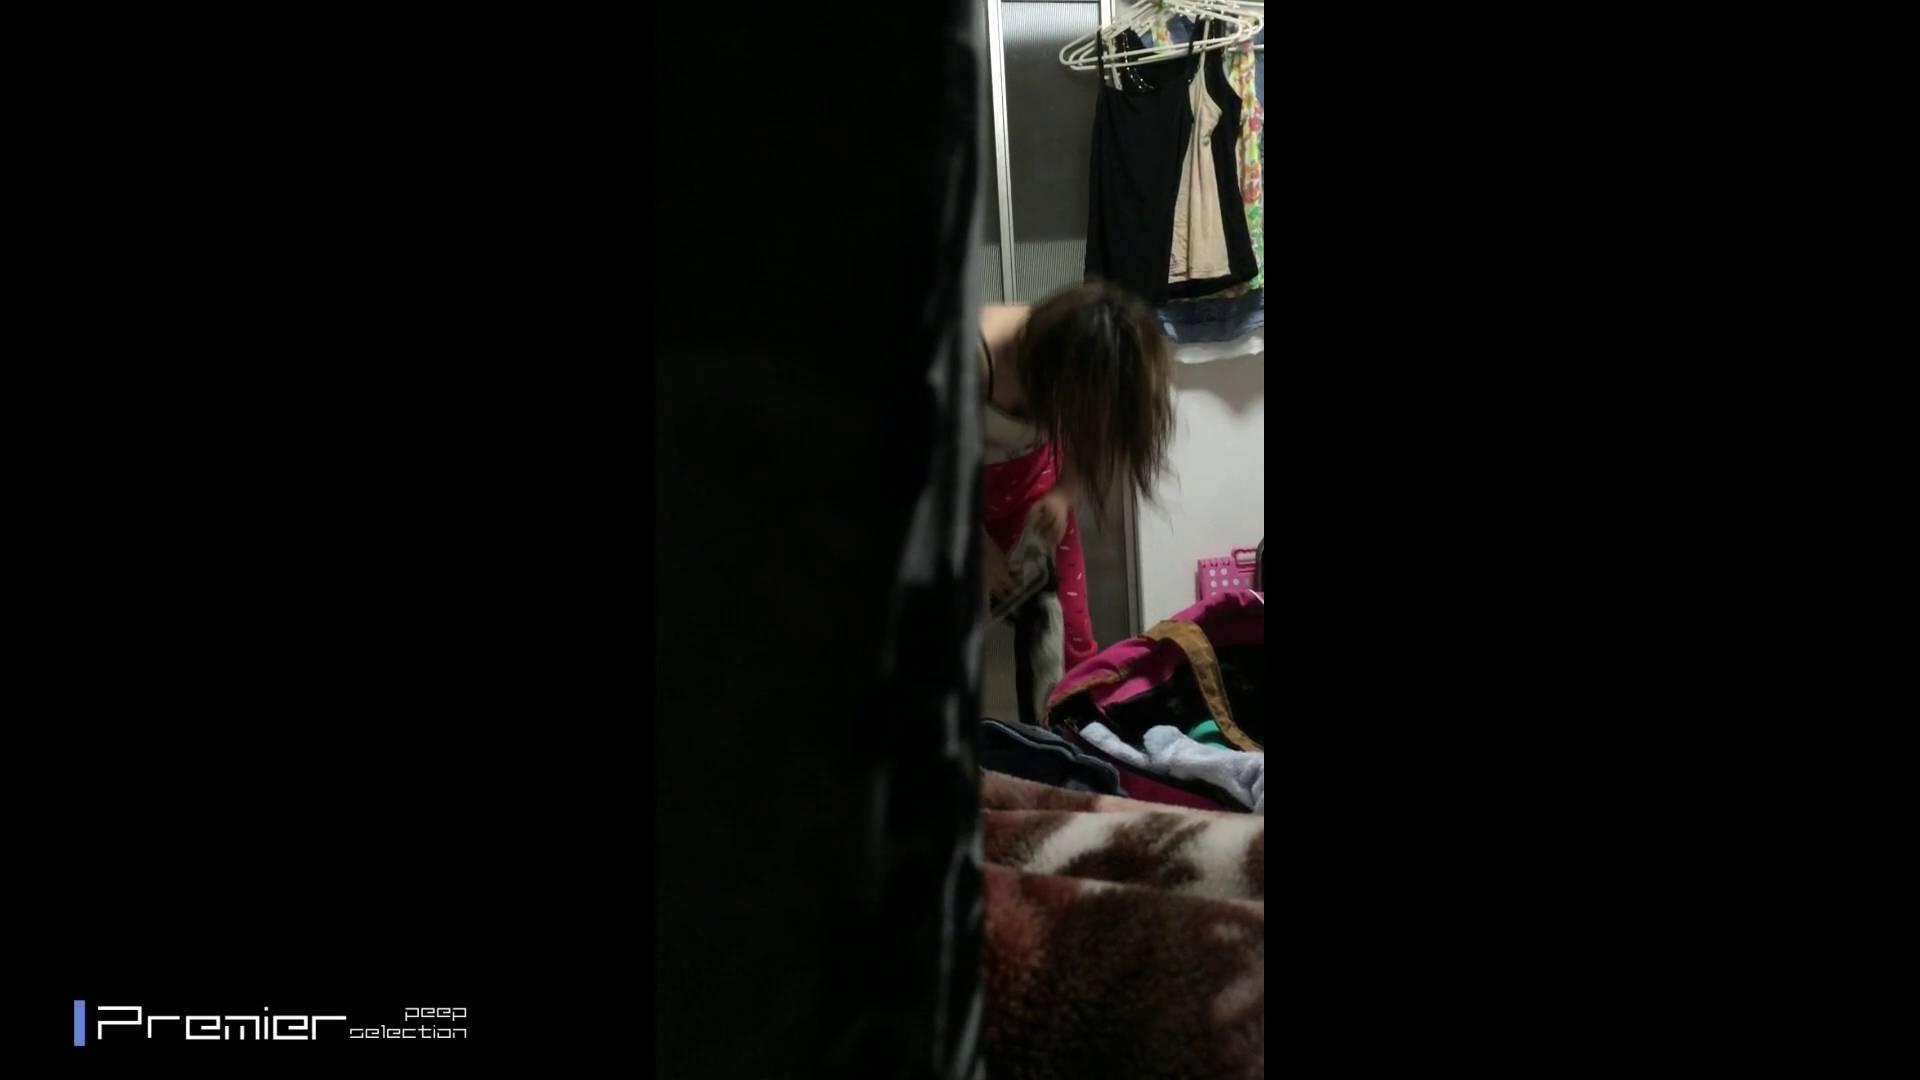 独り暮らし女子たちの着替え 美女達の私生活に潜入! 高画質 | 潜入エロ調査  68連発 30